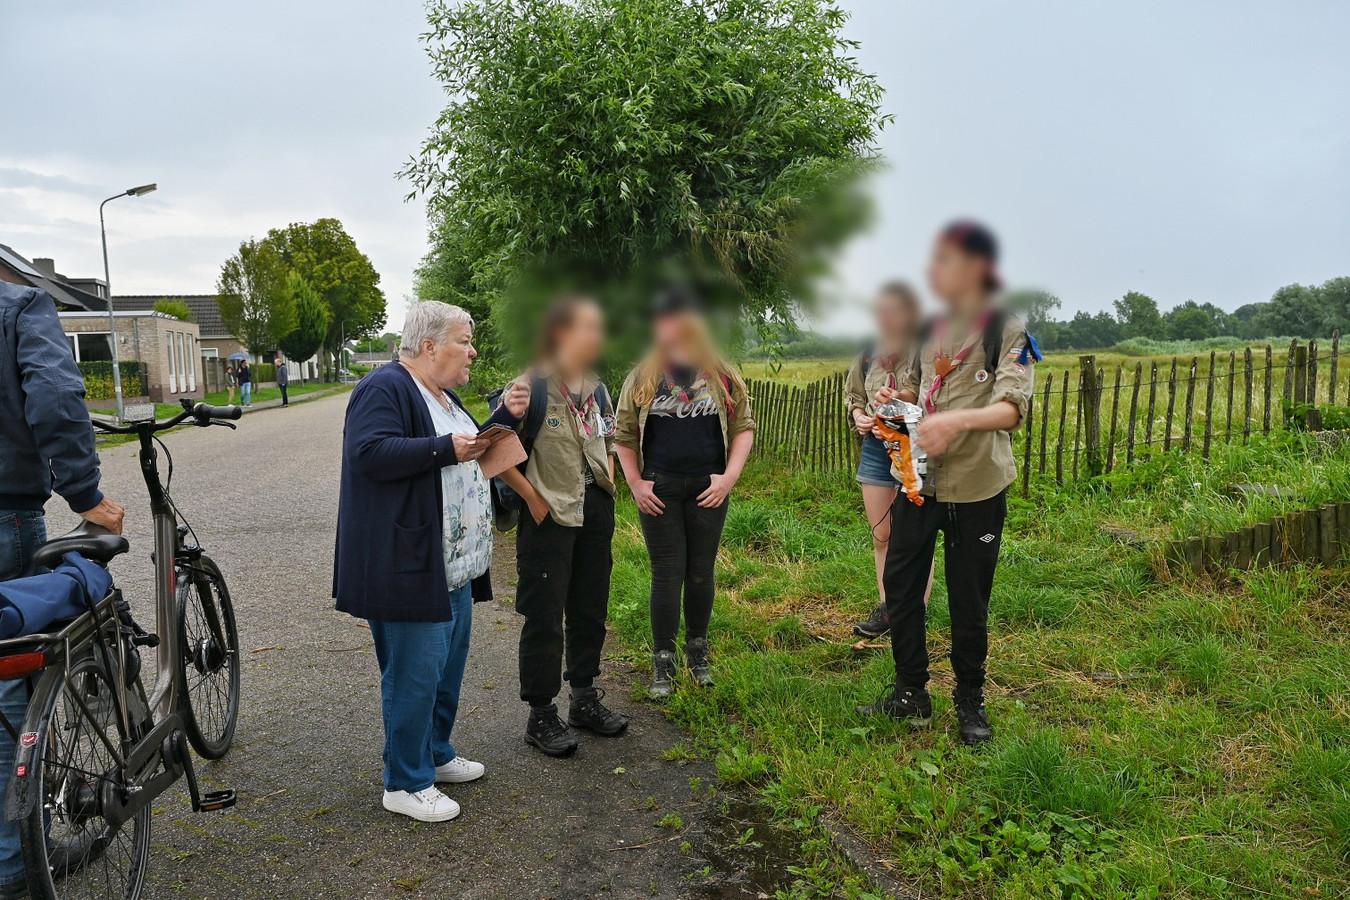 Bliksem slaat in boom in in Moergestel. Scouts stonden in veld vlakbij. De scouts mogen niet herkenbaar in beeld worden gebracht.